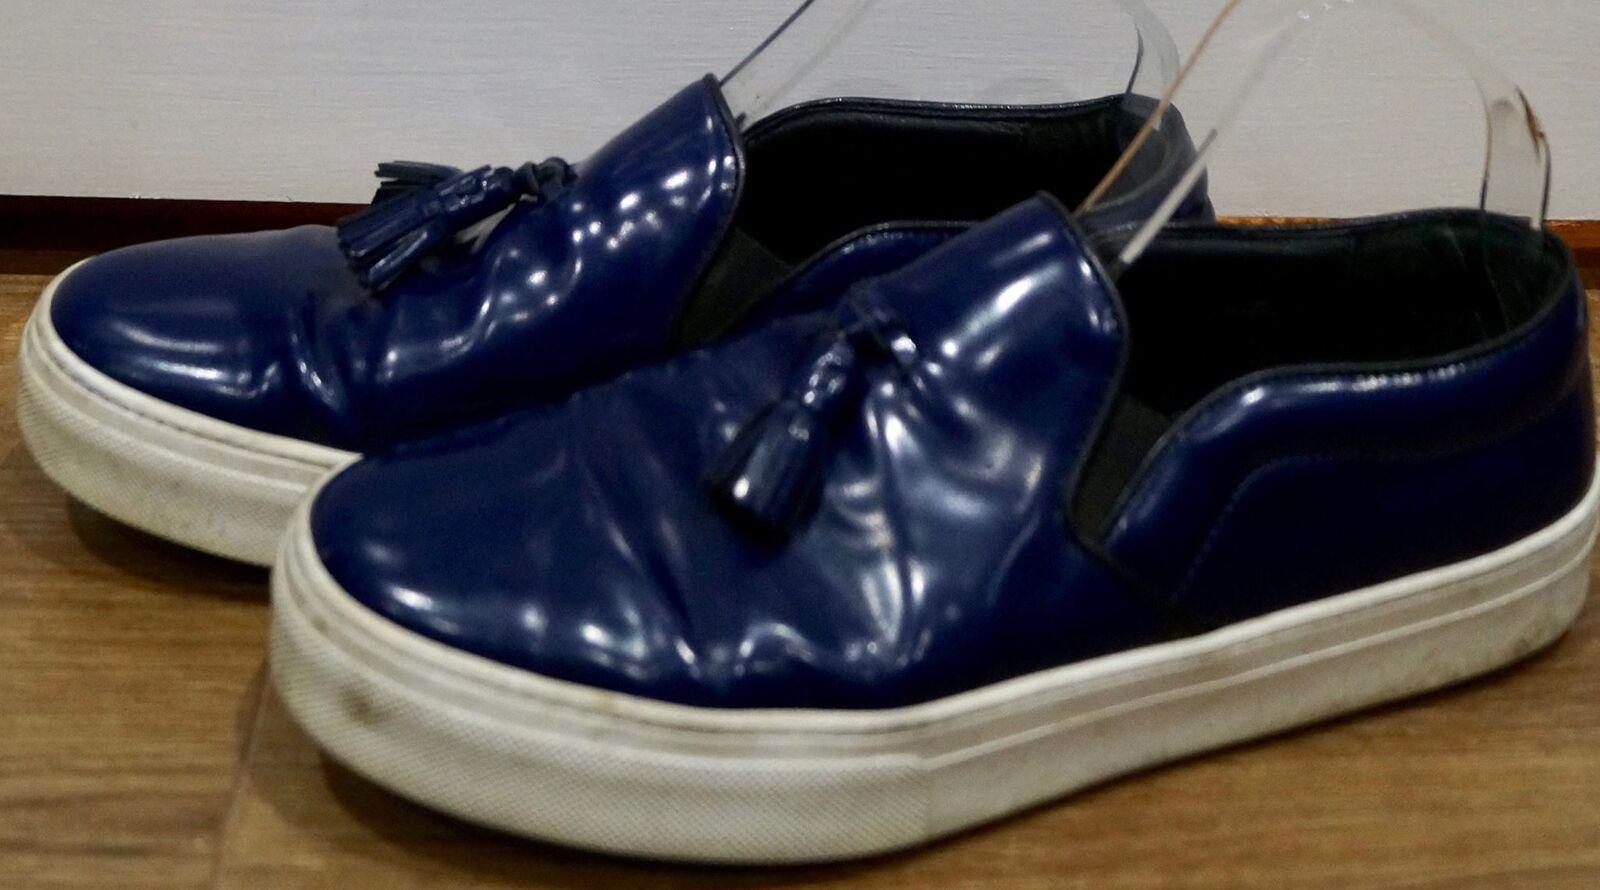 CELINE Paris blu in pelle nappa suola in gomma anteriore Bianco Casual Scarpe Da Ginnastica Trainer